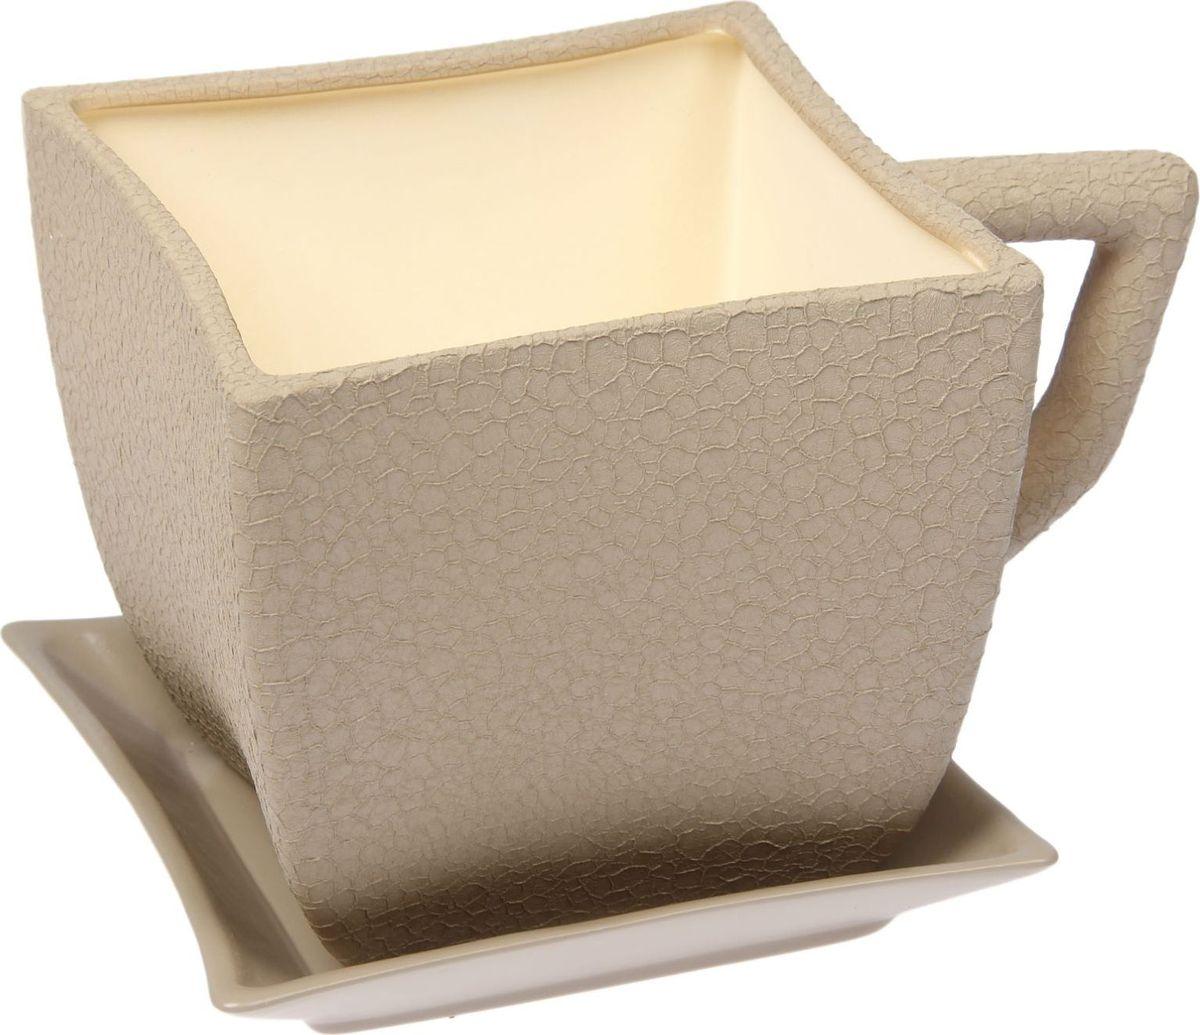 Кашпо Керамика ручной работы Чашка. Квадрат, цвет: капучино, 2,5 л1489645Комнатные растения — всеобщие любимцы. Они радуют глаз, насыщают помещение кислородом и украшают пространство. Каждому из них необходим свой удобный и красивый дом. Кашпо из керамики прекрасно подходят для высадки растений: за счёт пластичности глины и разных способов обработки существует великое множество форм и дизайновпористый материал позволяет испаряться лишней влагевоздух, необходимый для дыхания корней, проникает сквозь керамические стенки! #name# позаботится о зелёном питомце, освежит интерьер и подчеркнёт его стиль.